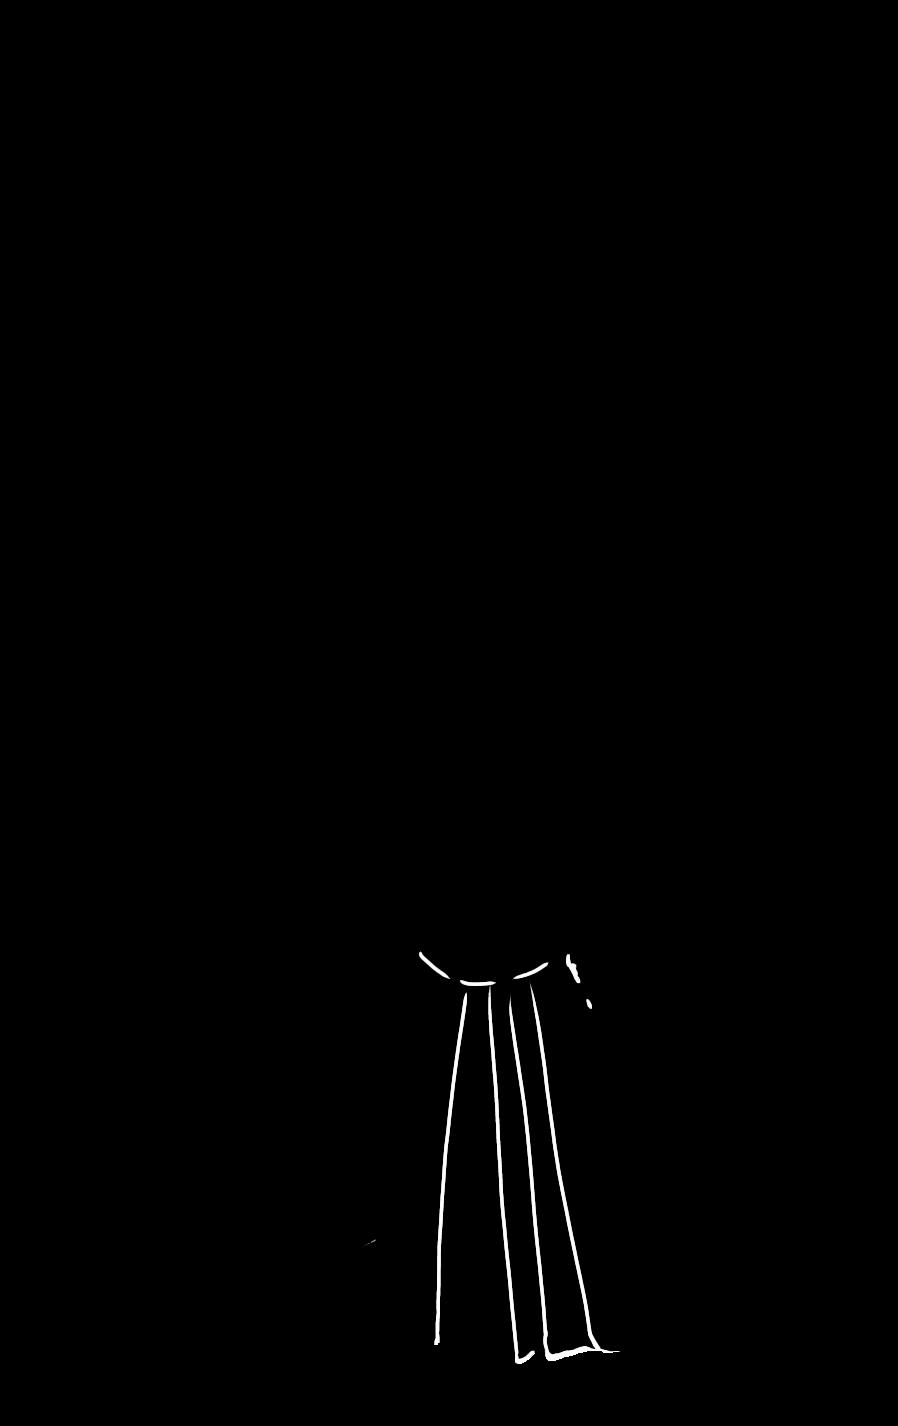 弓道シルエット(両面はロゴあり)